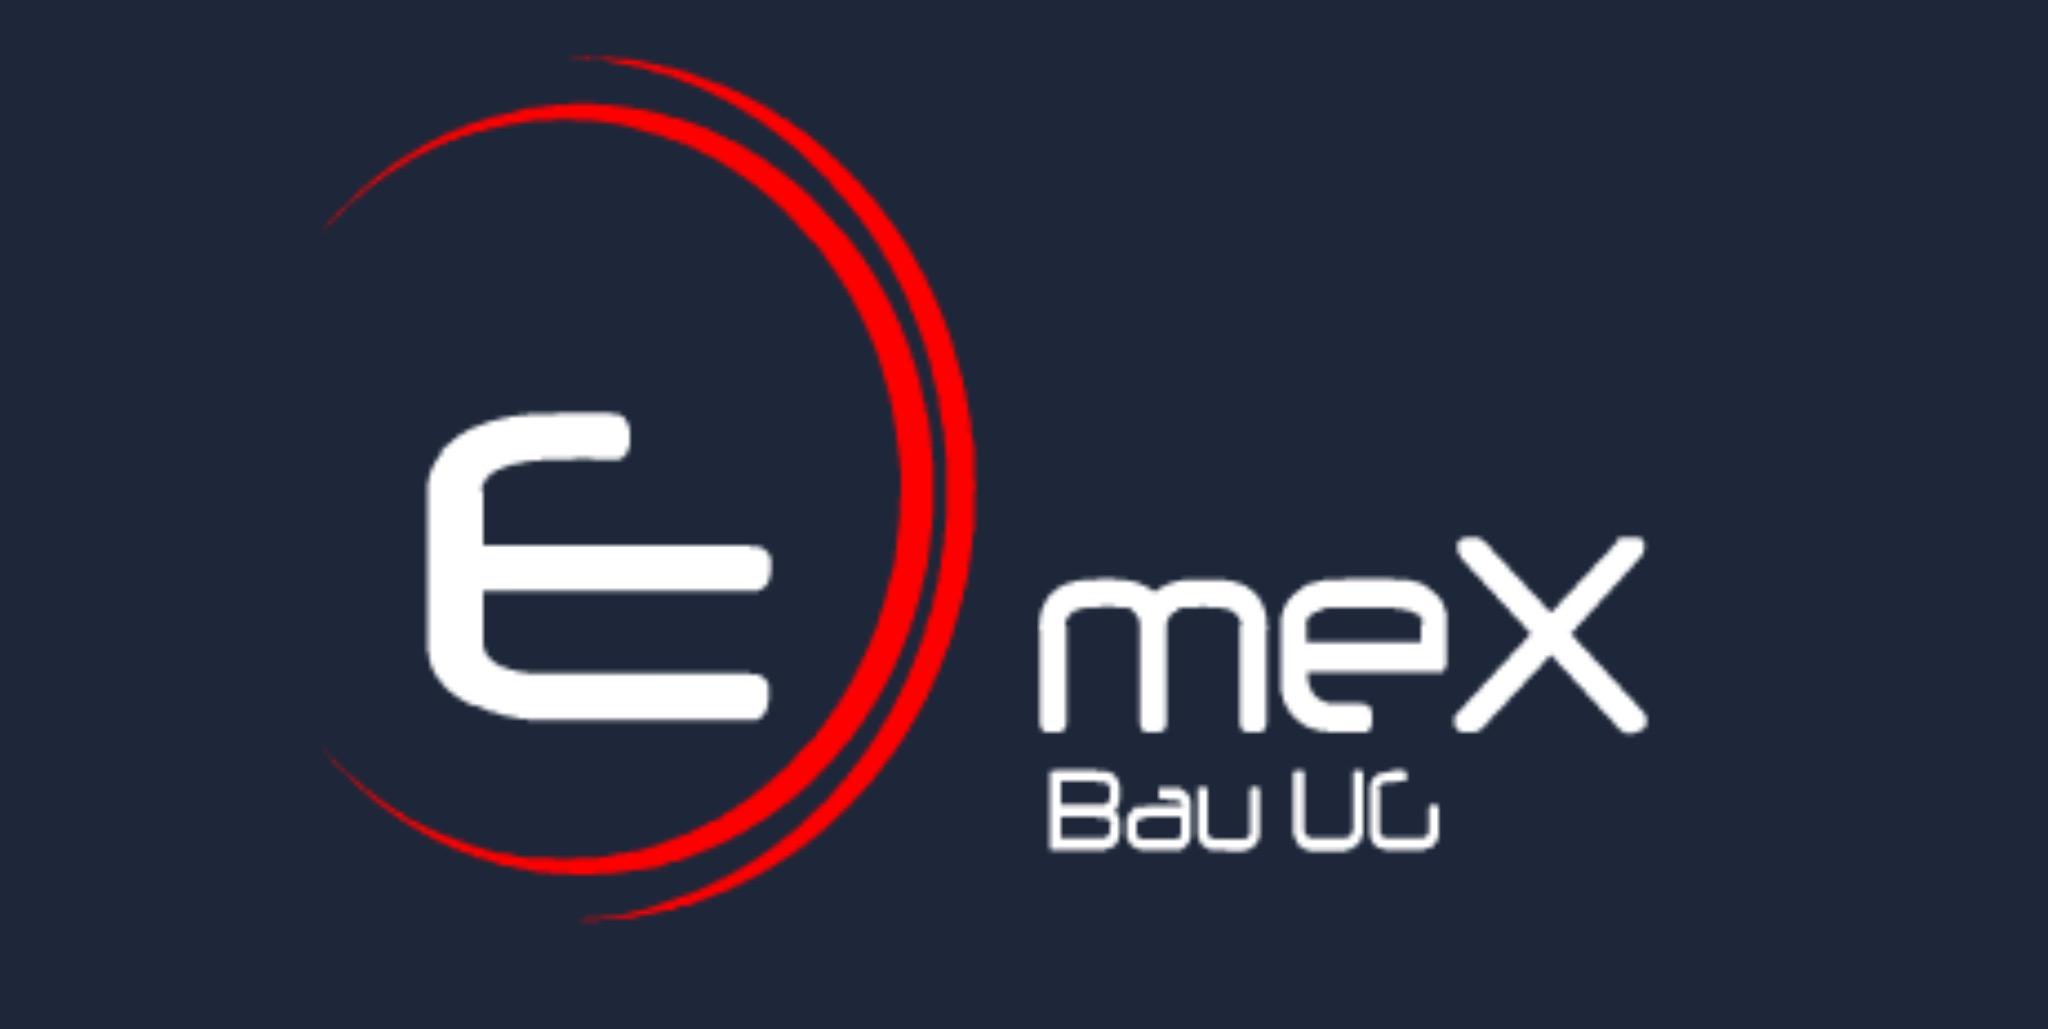 EmeX Bau